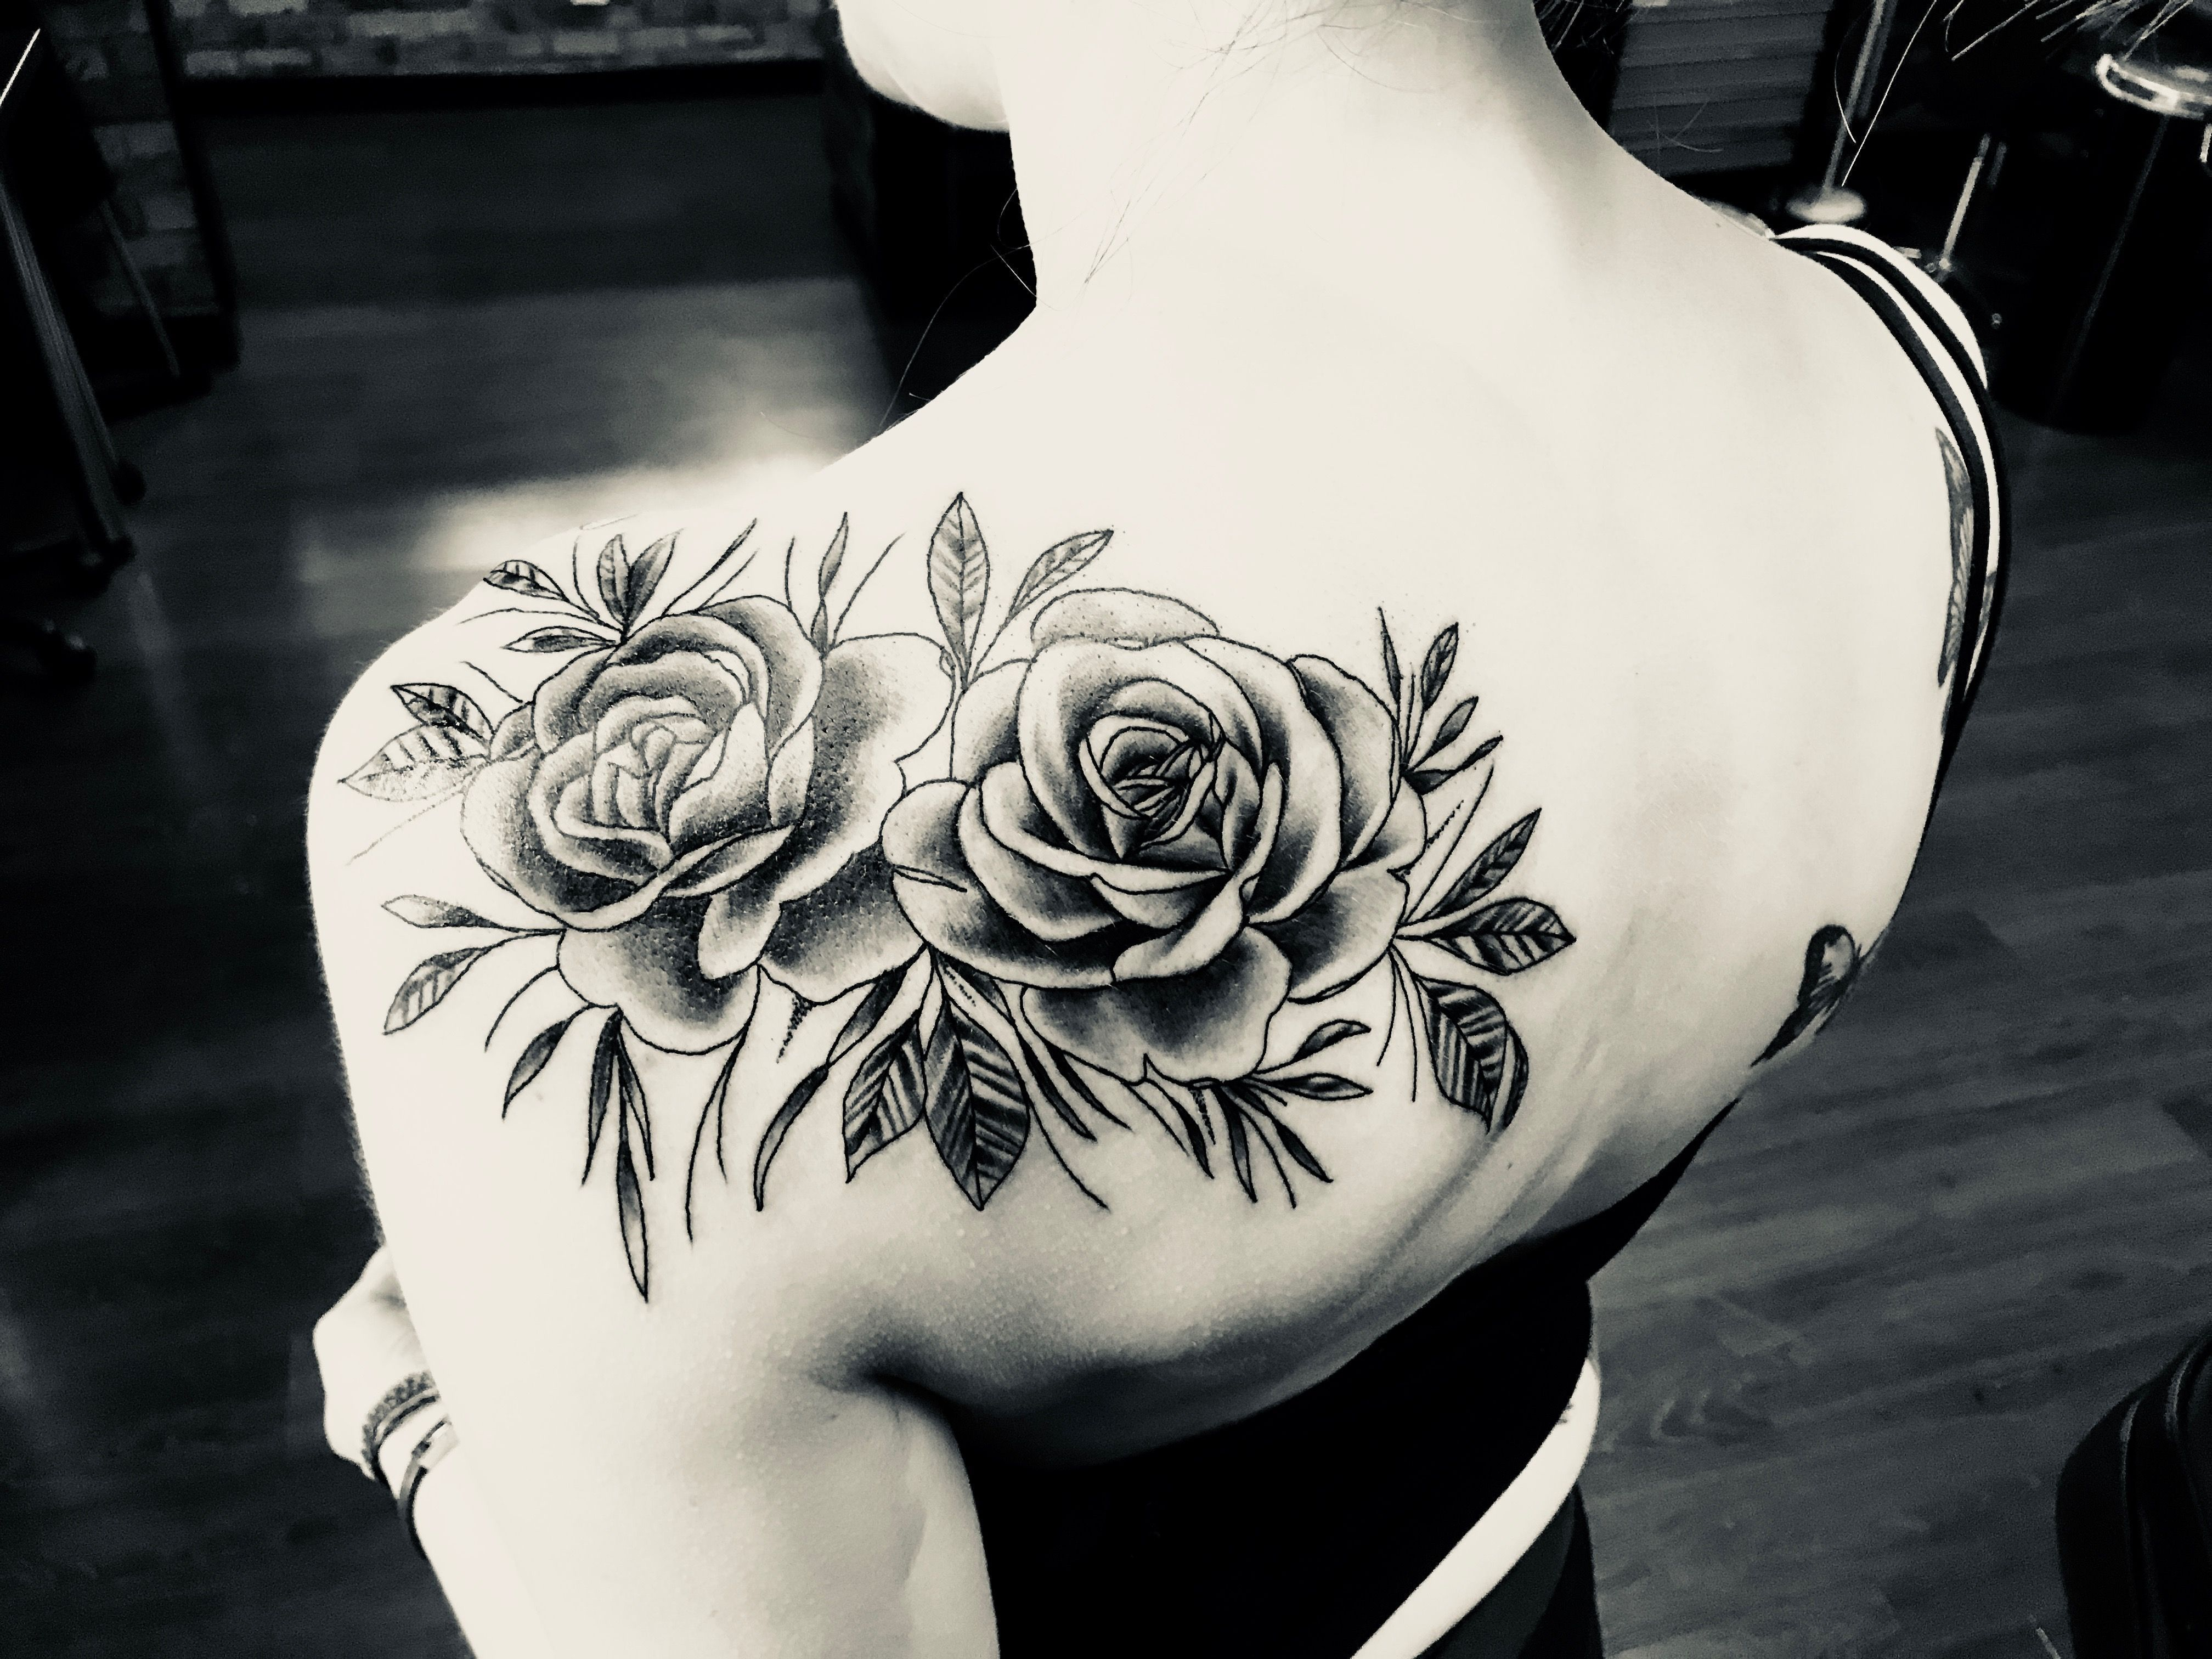 Rose Shoulder Tattoo In Black Shading Roseshouldertattoos Tattooideasshoulder Floral Tattoo Shoulder Rose Shoulder Tattoo Shoulder Tattoo